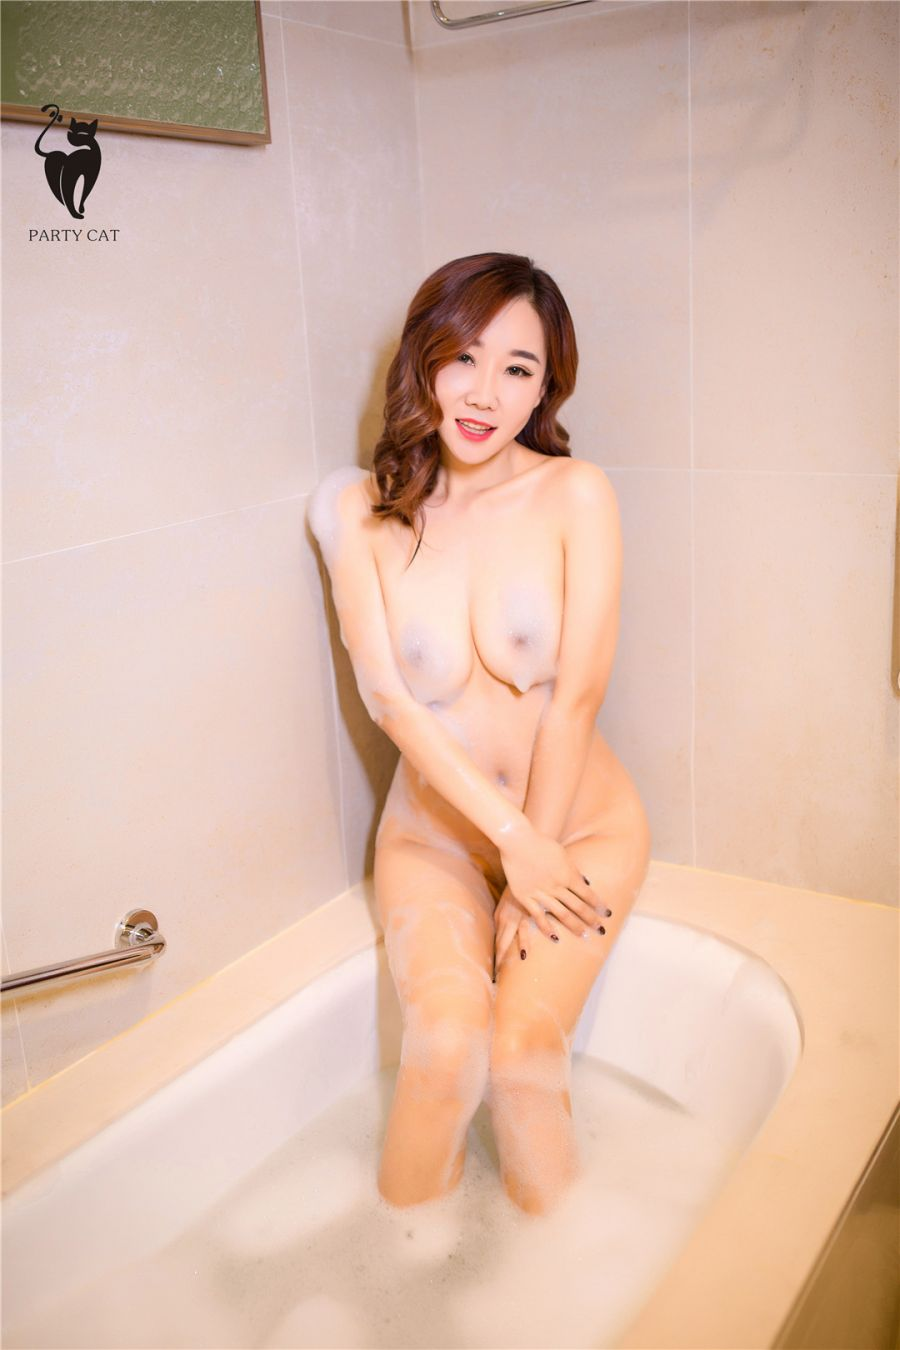 极品美人泡沫浴下的绝美胴体人体艺术